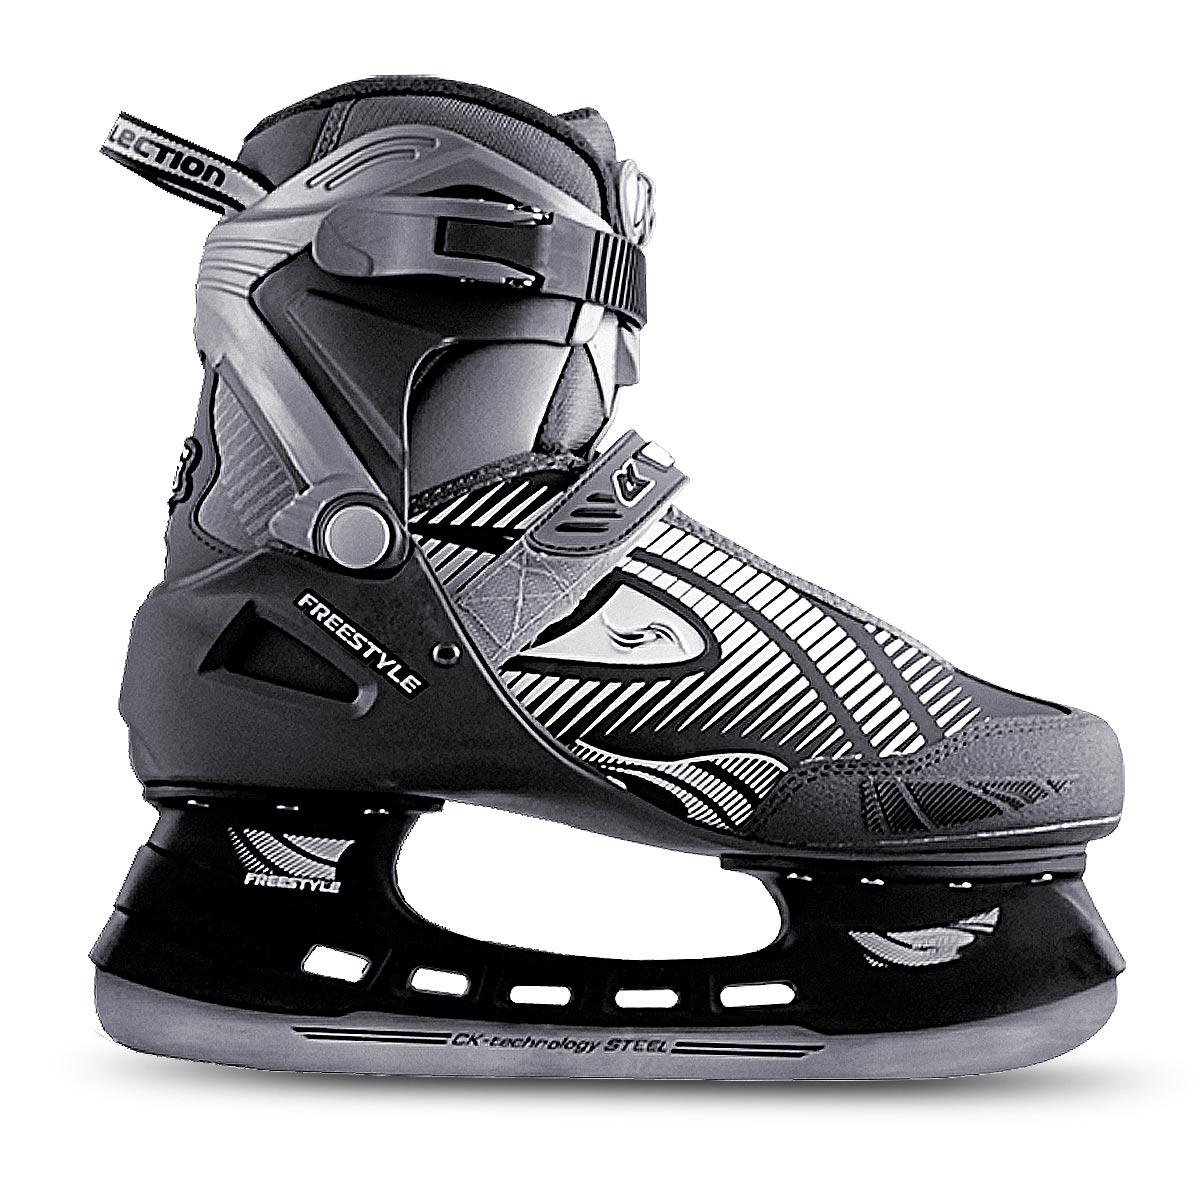 Коньки хоккейные для мальчика СК Freestyle, цвет: серый, черный. Размер 36